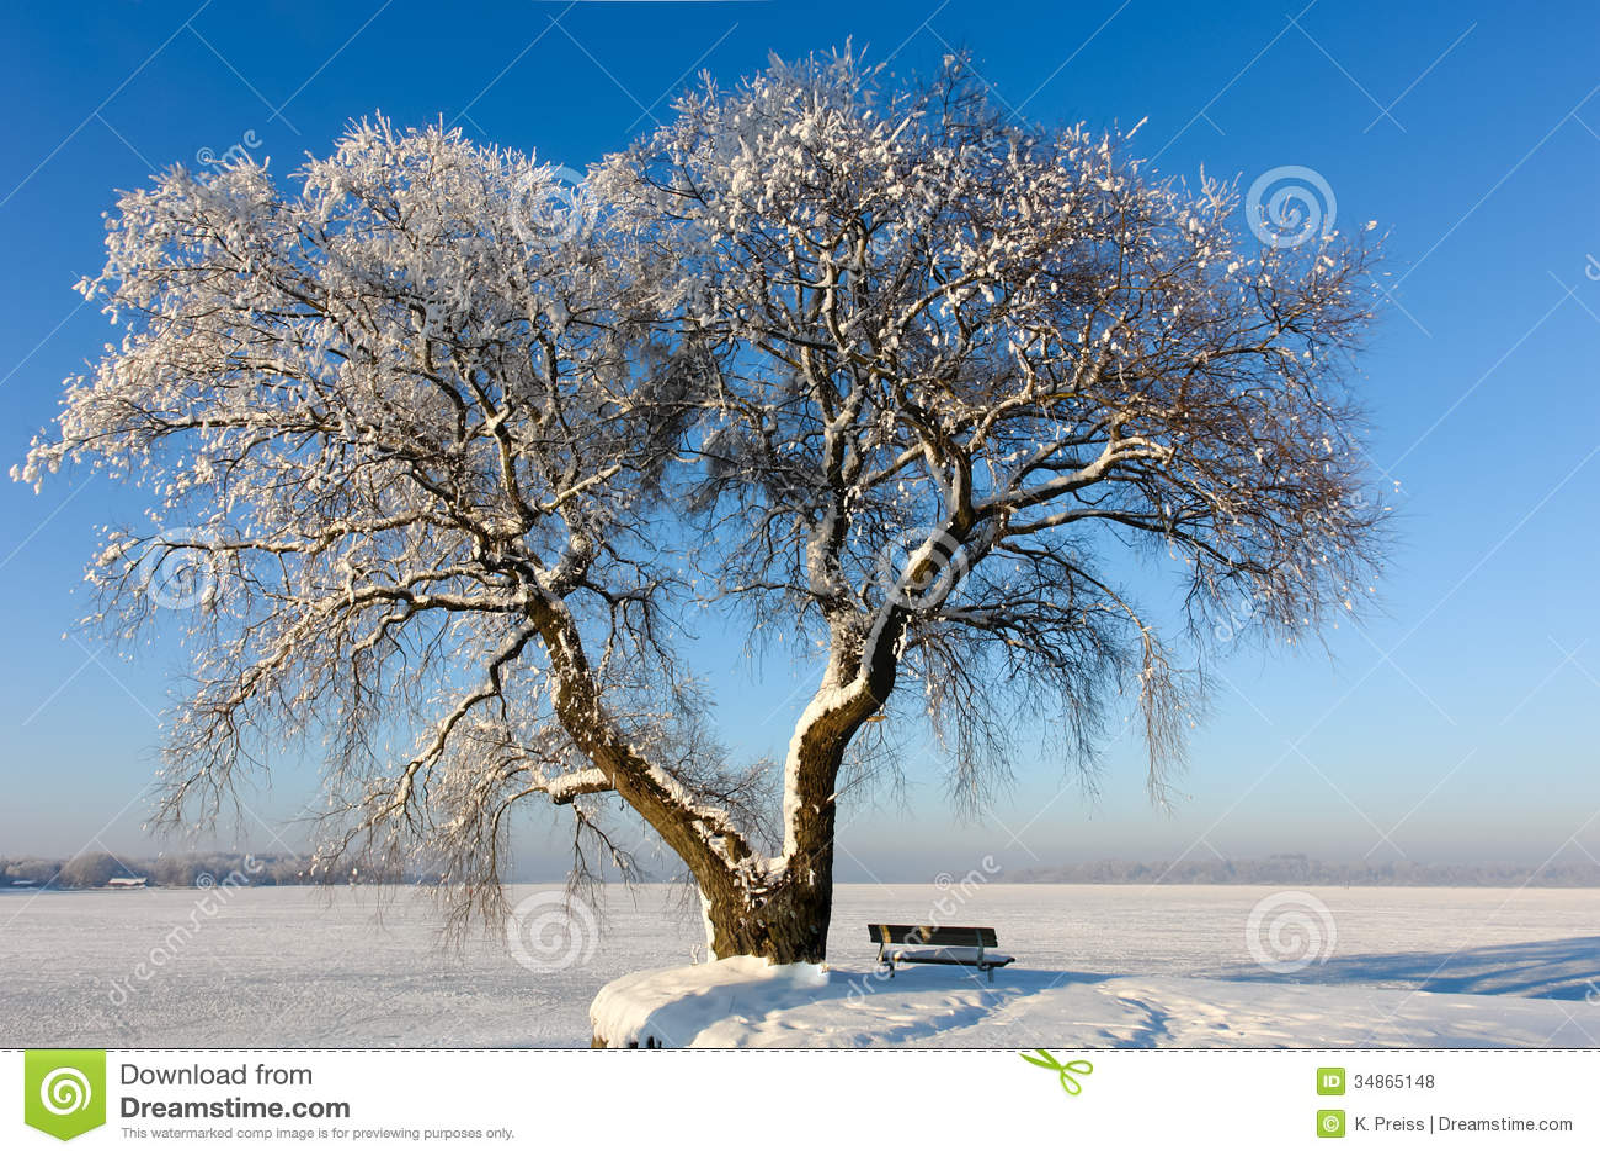 Snowy Tree on Frozen Lake II